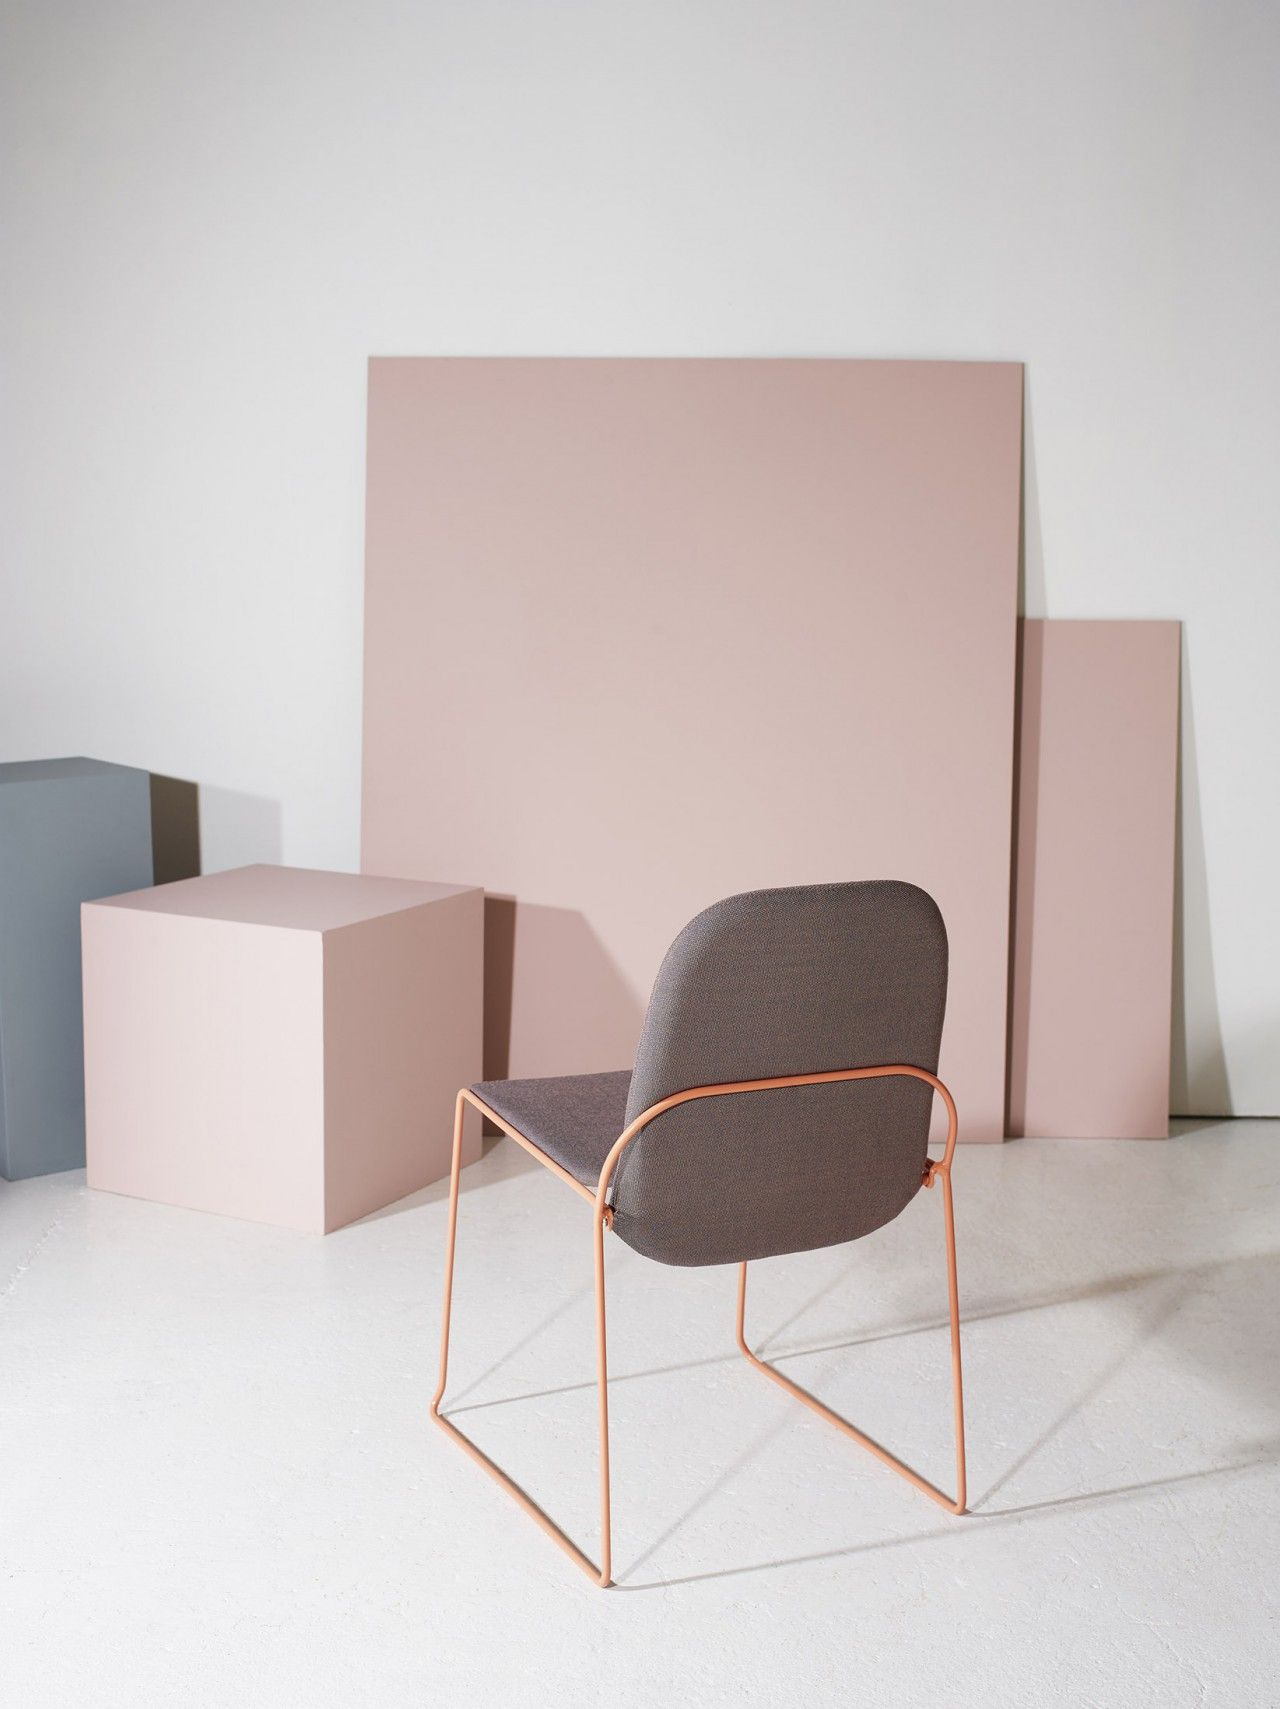 Épinglé par Kate Fales sur Furniture | Pinterest | Chaises et Déco